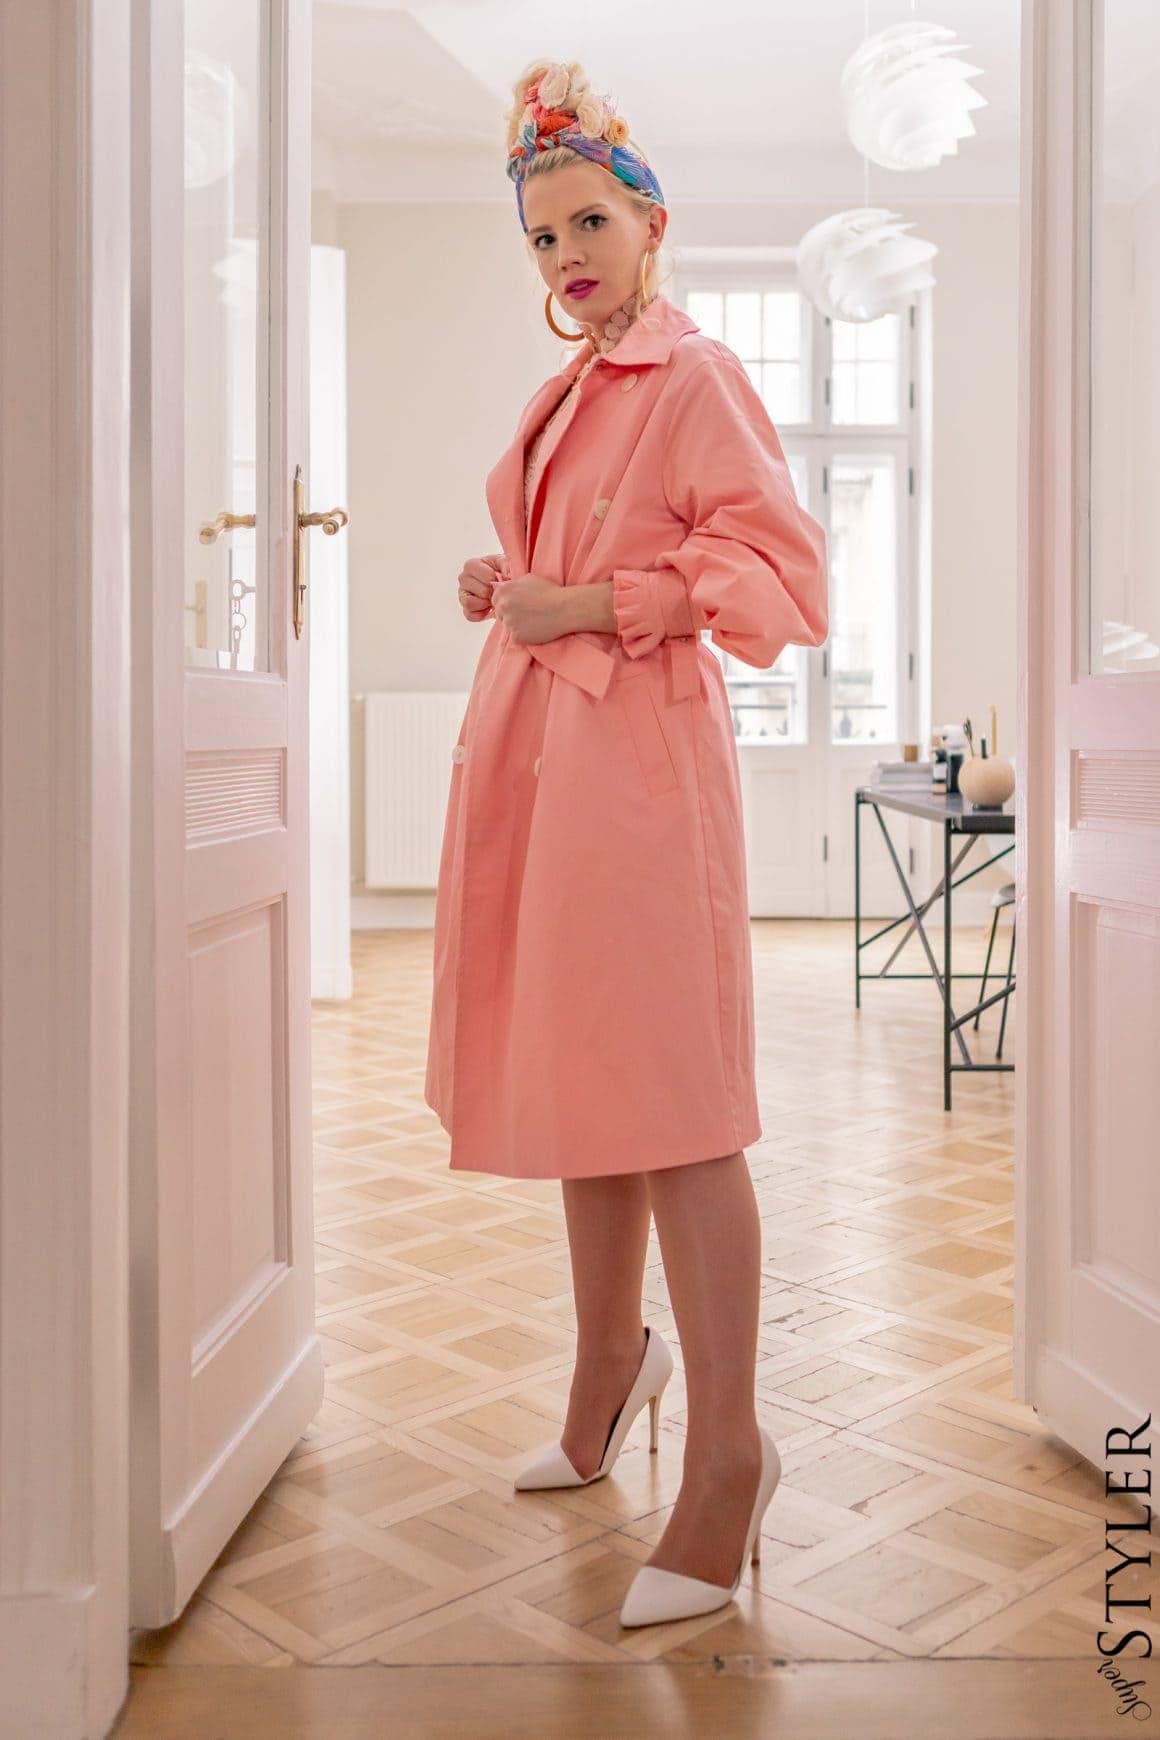 różowy płaszcz białe szpilkii